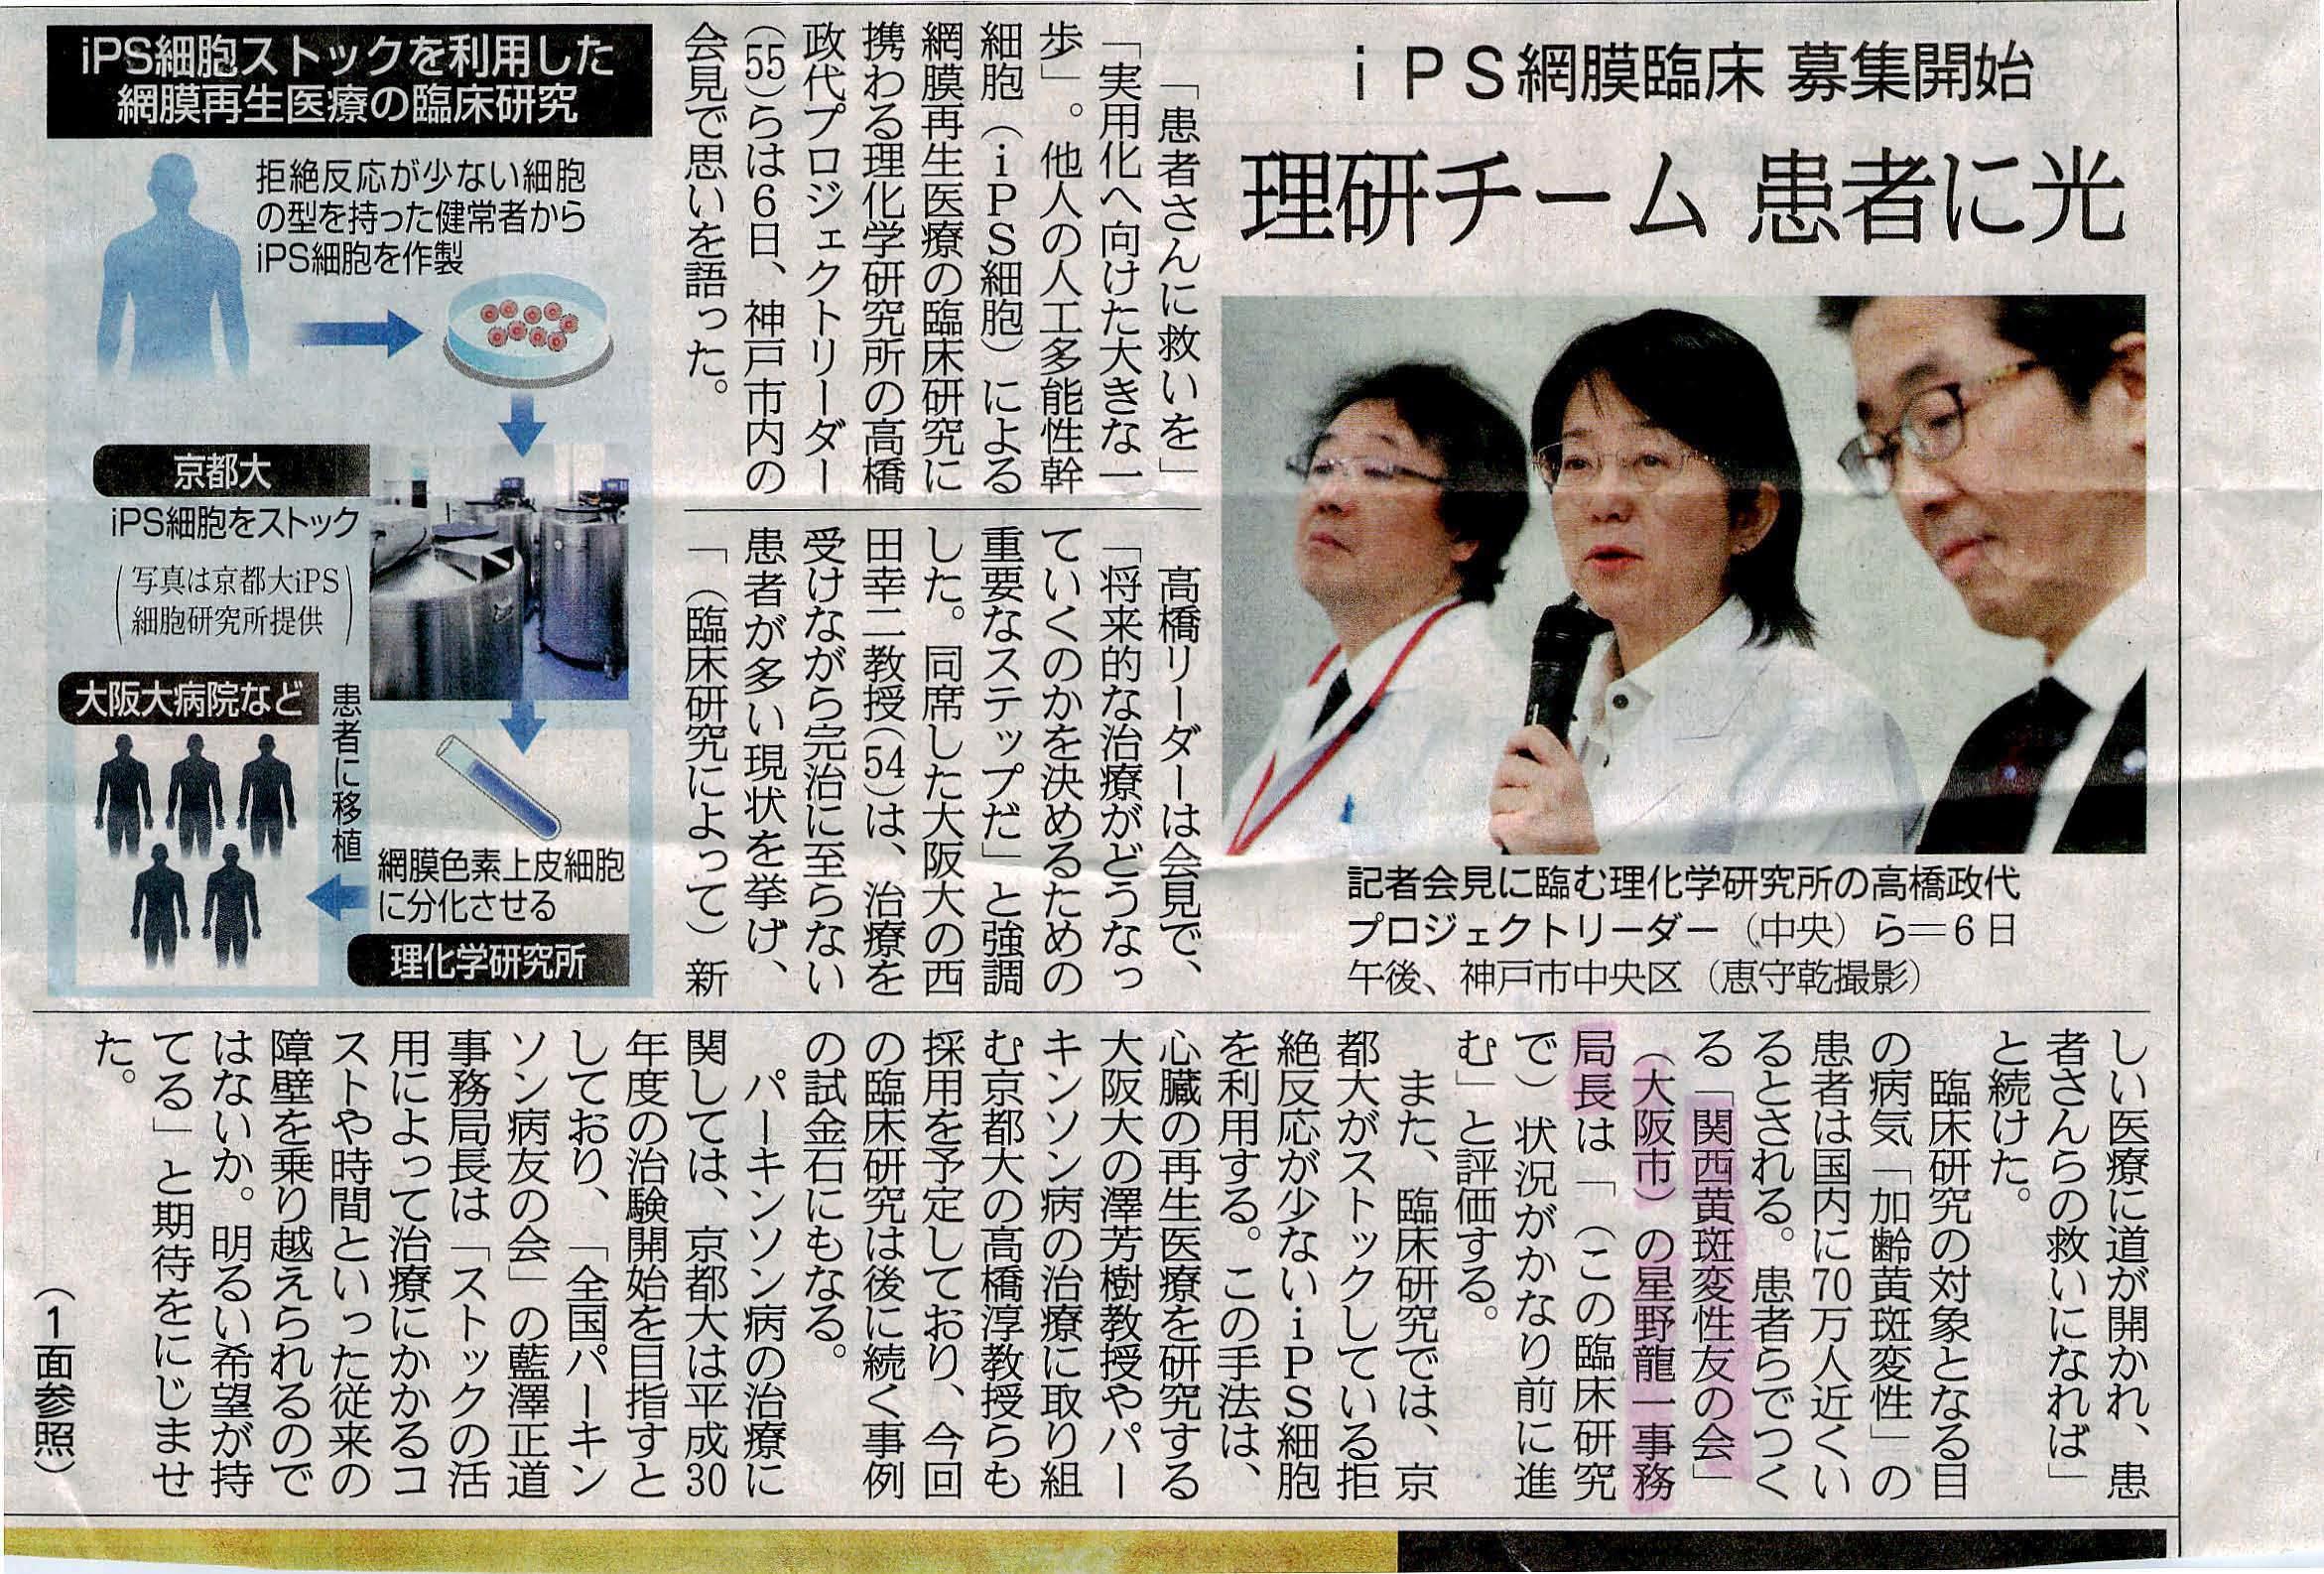 特定非営利団体 関西 黄斑変性 友の会 新聞記事